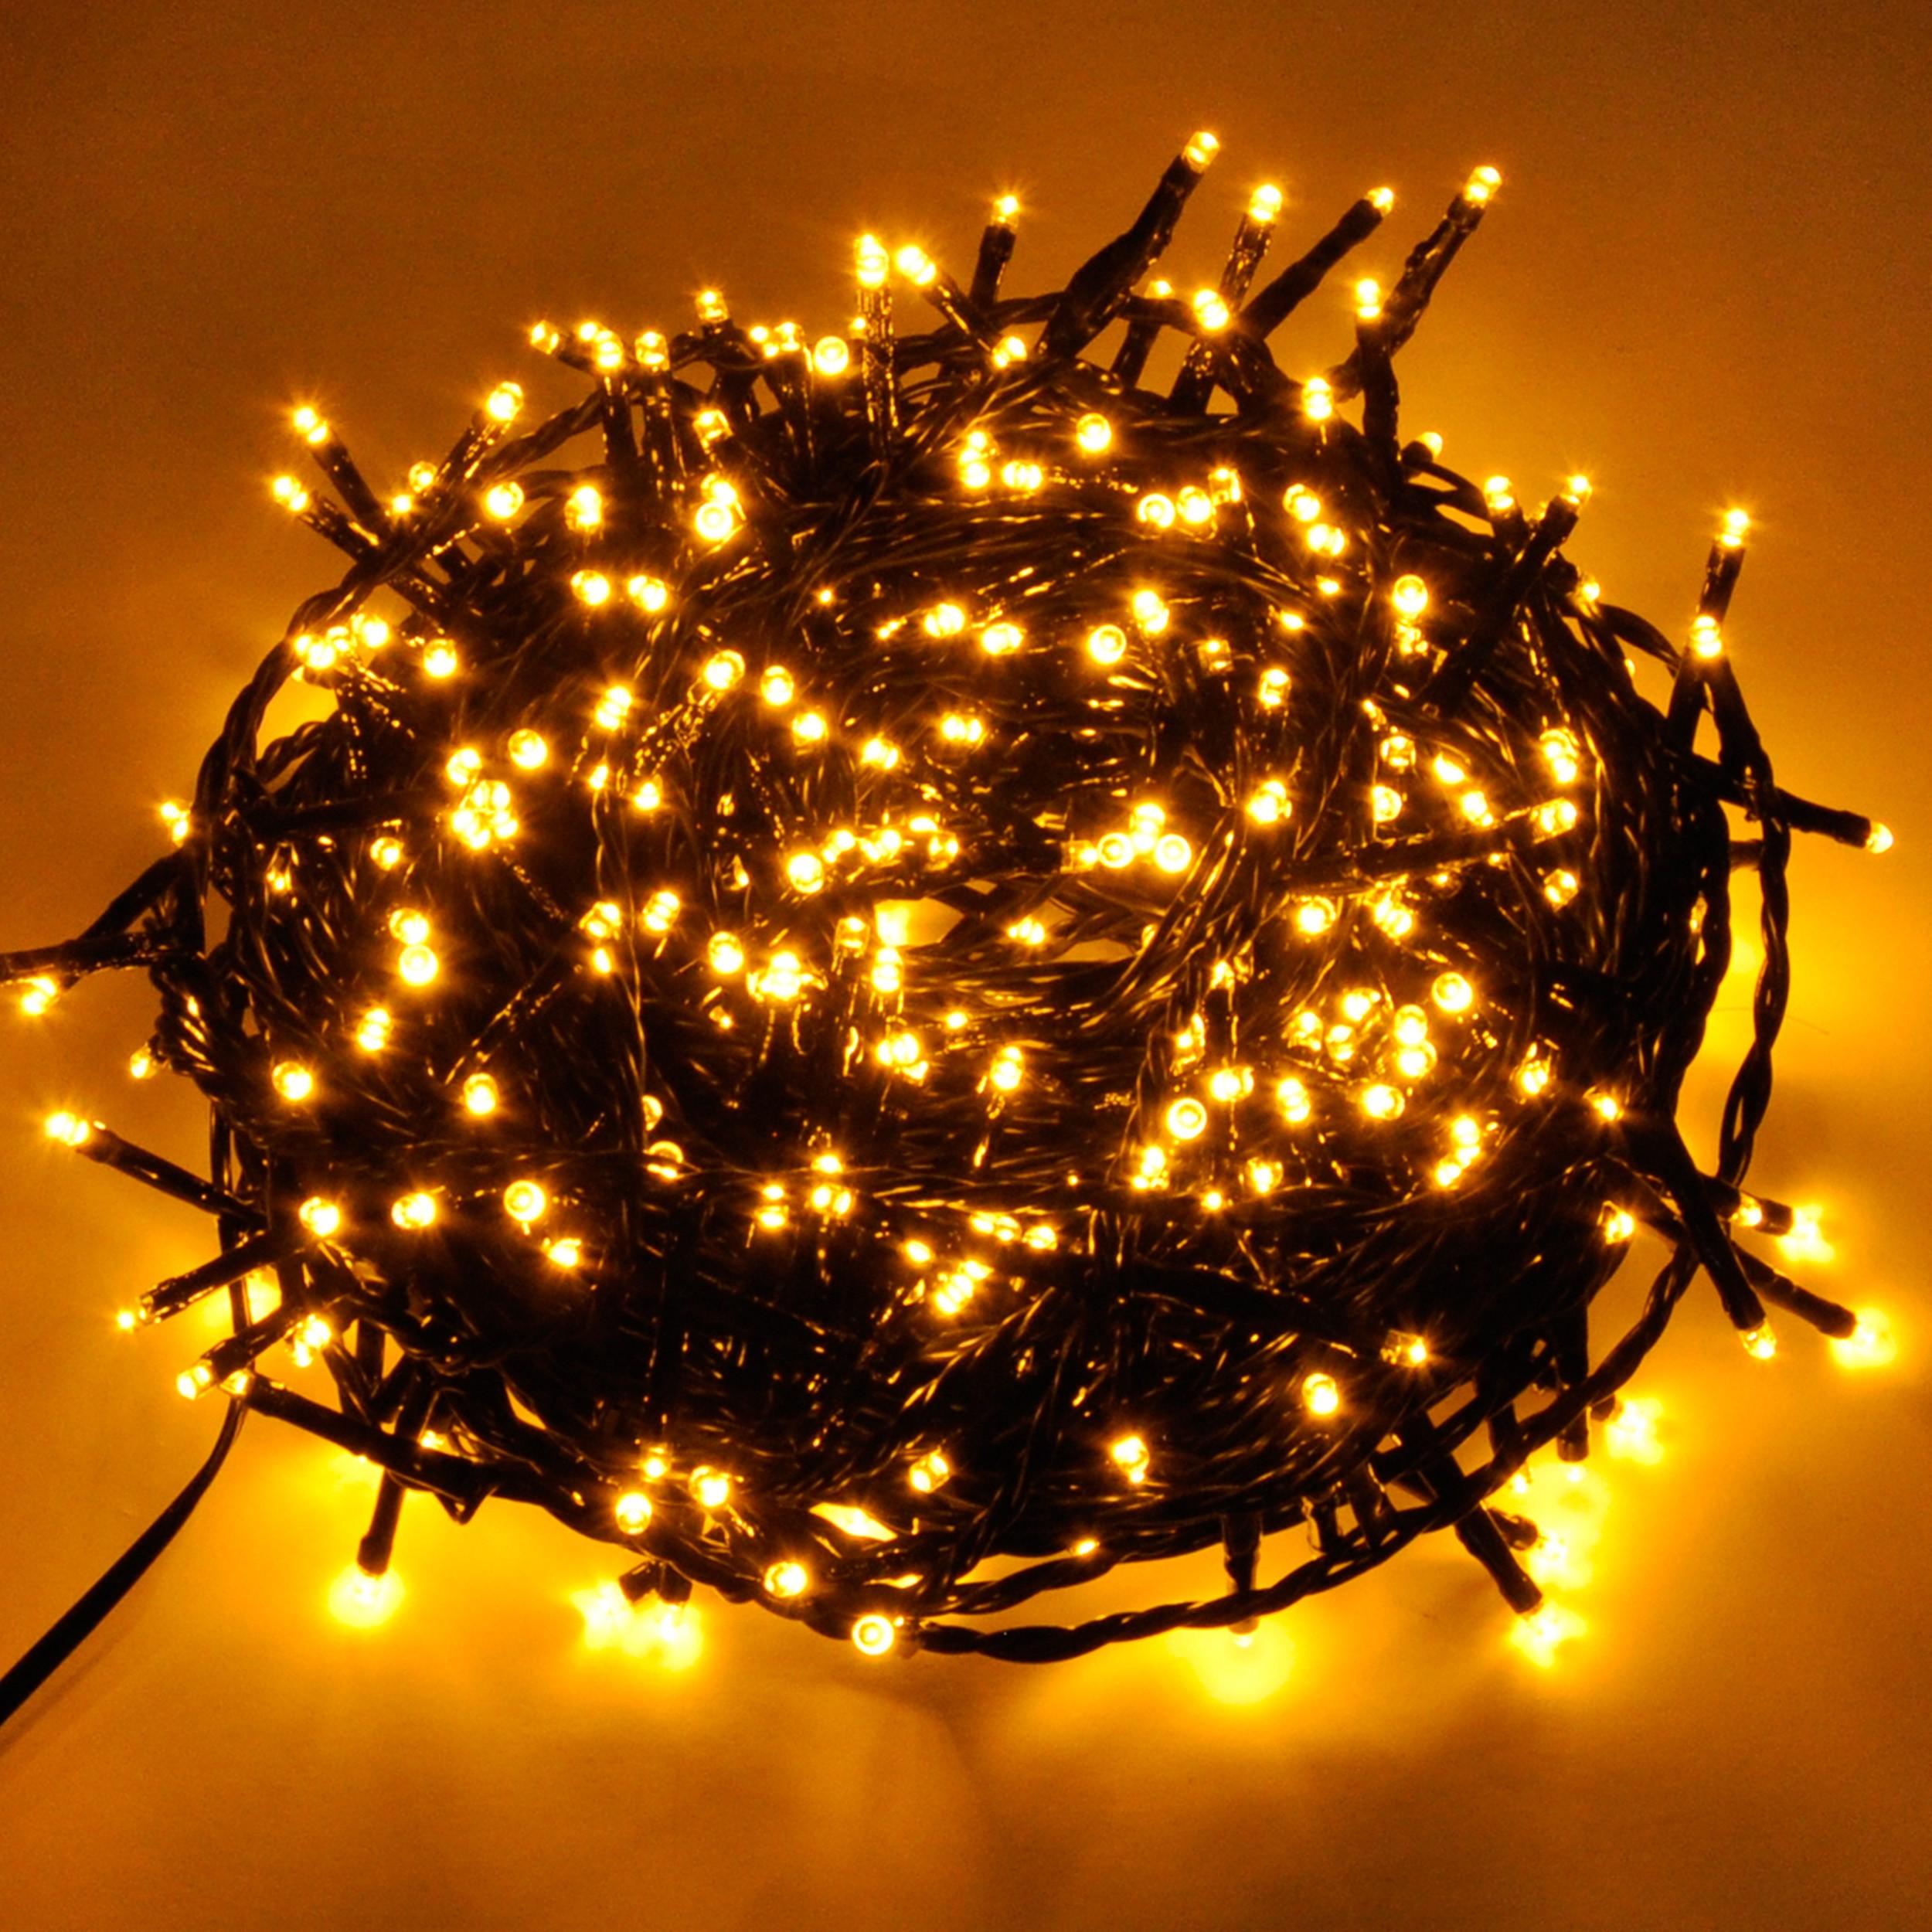 Full Size of Weihnachtsbeleuchtung Fenster Lichterketten Jahreszeitliche Dekoration 2x1m Led Lichtervorhang Folie Für Sichtschutz Einbauen Mit Integriertem Rollladen Fenster Weihnachtsbeleuchtung Fenster